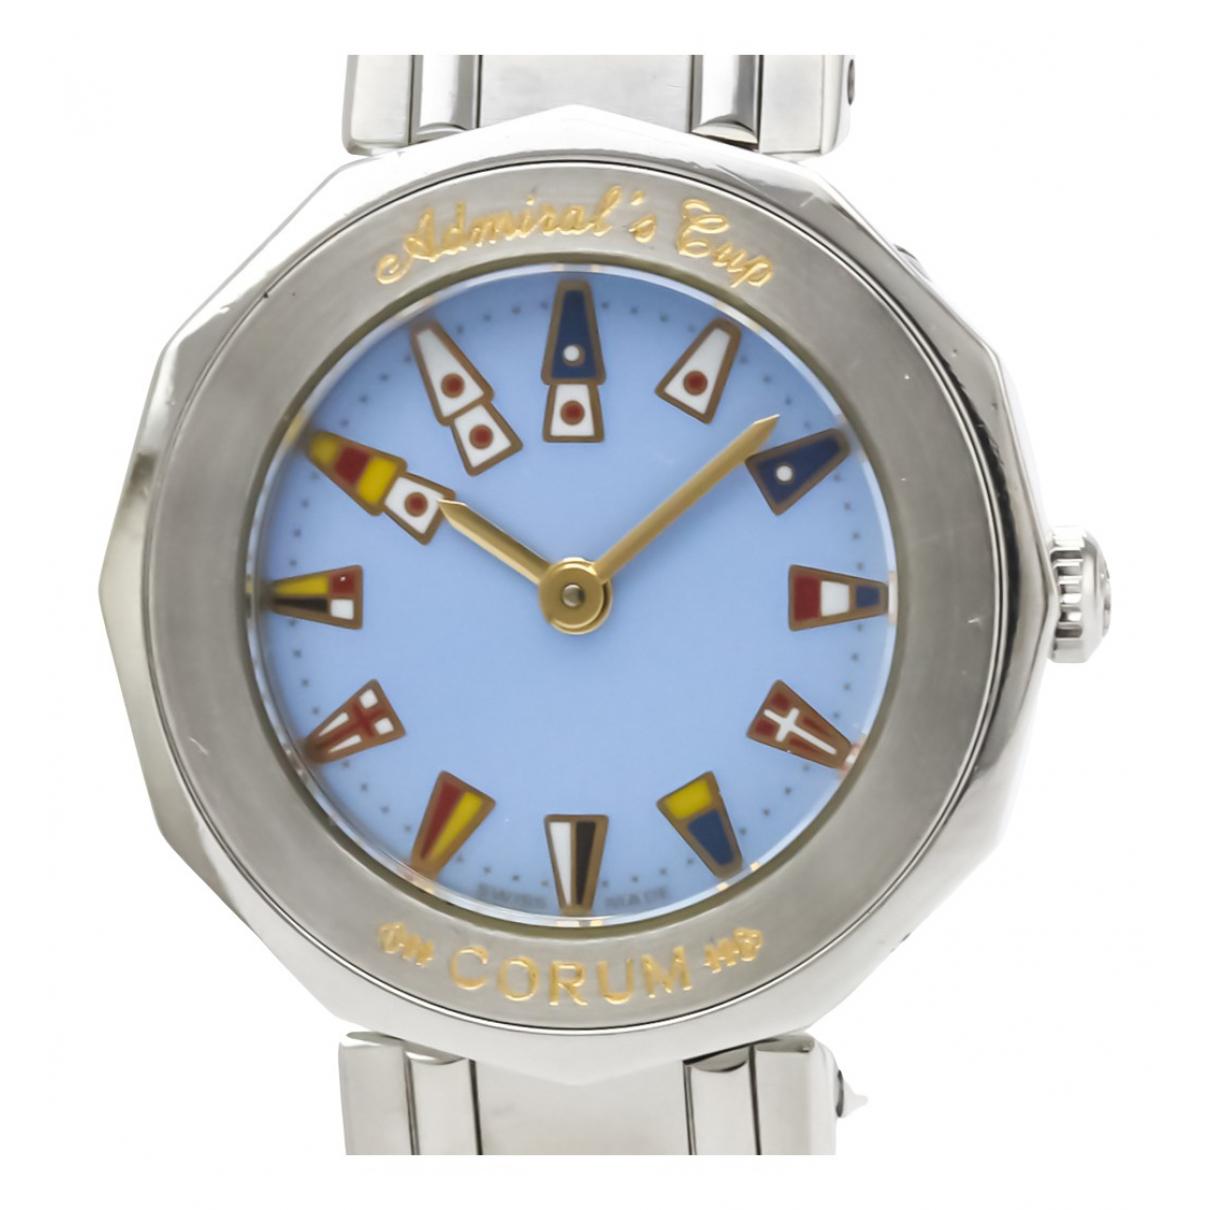 Reloj Admirals Cup Corum